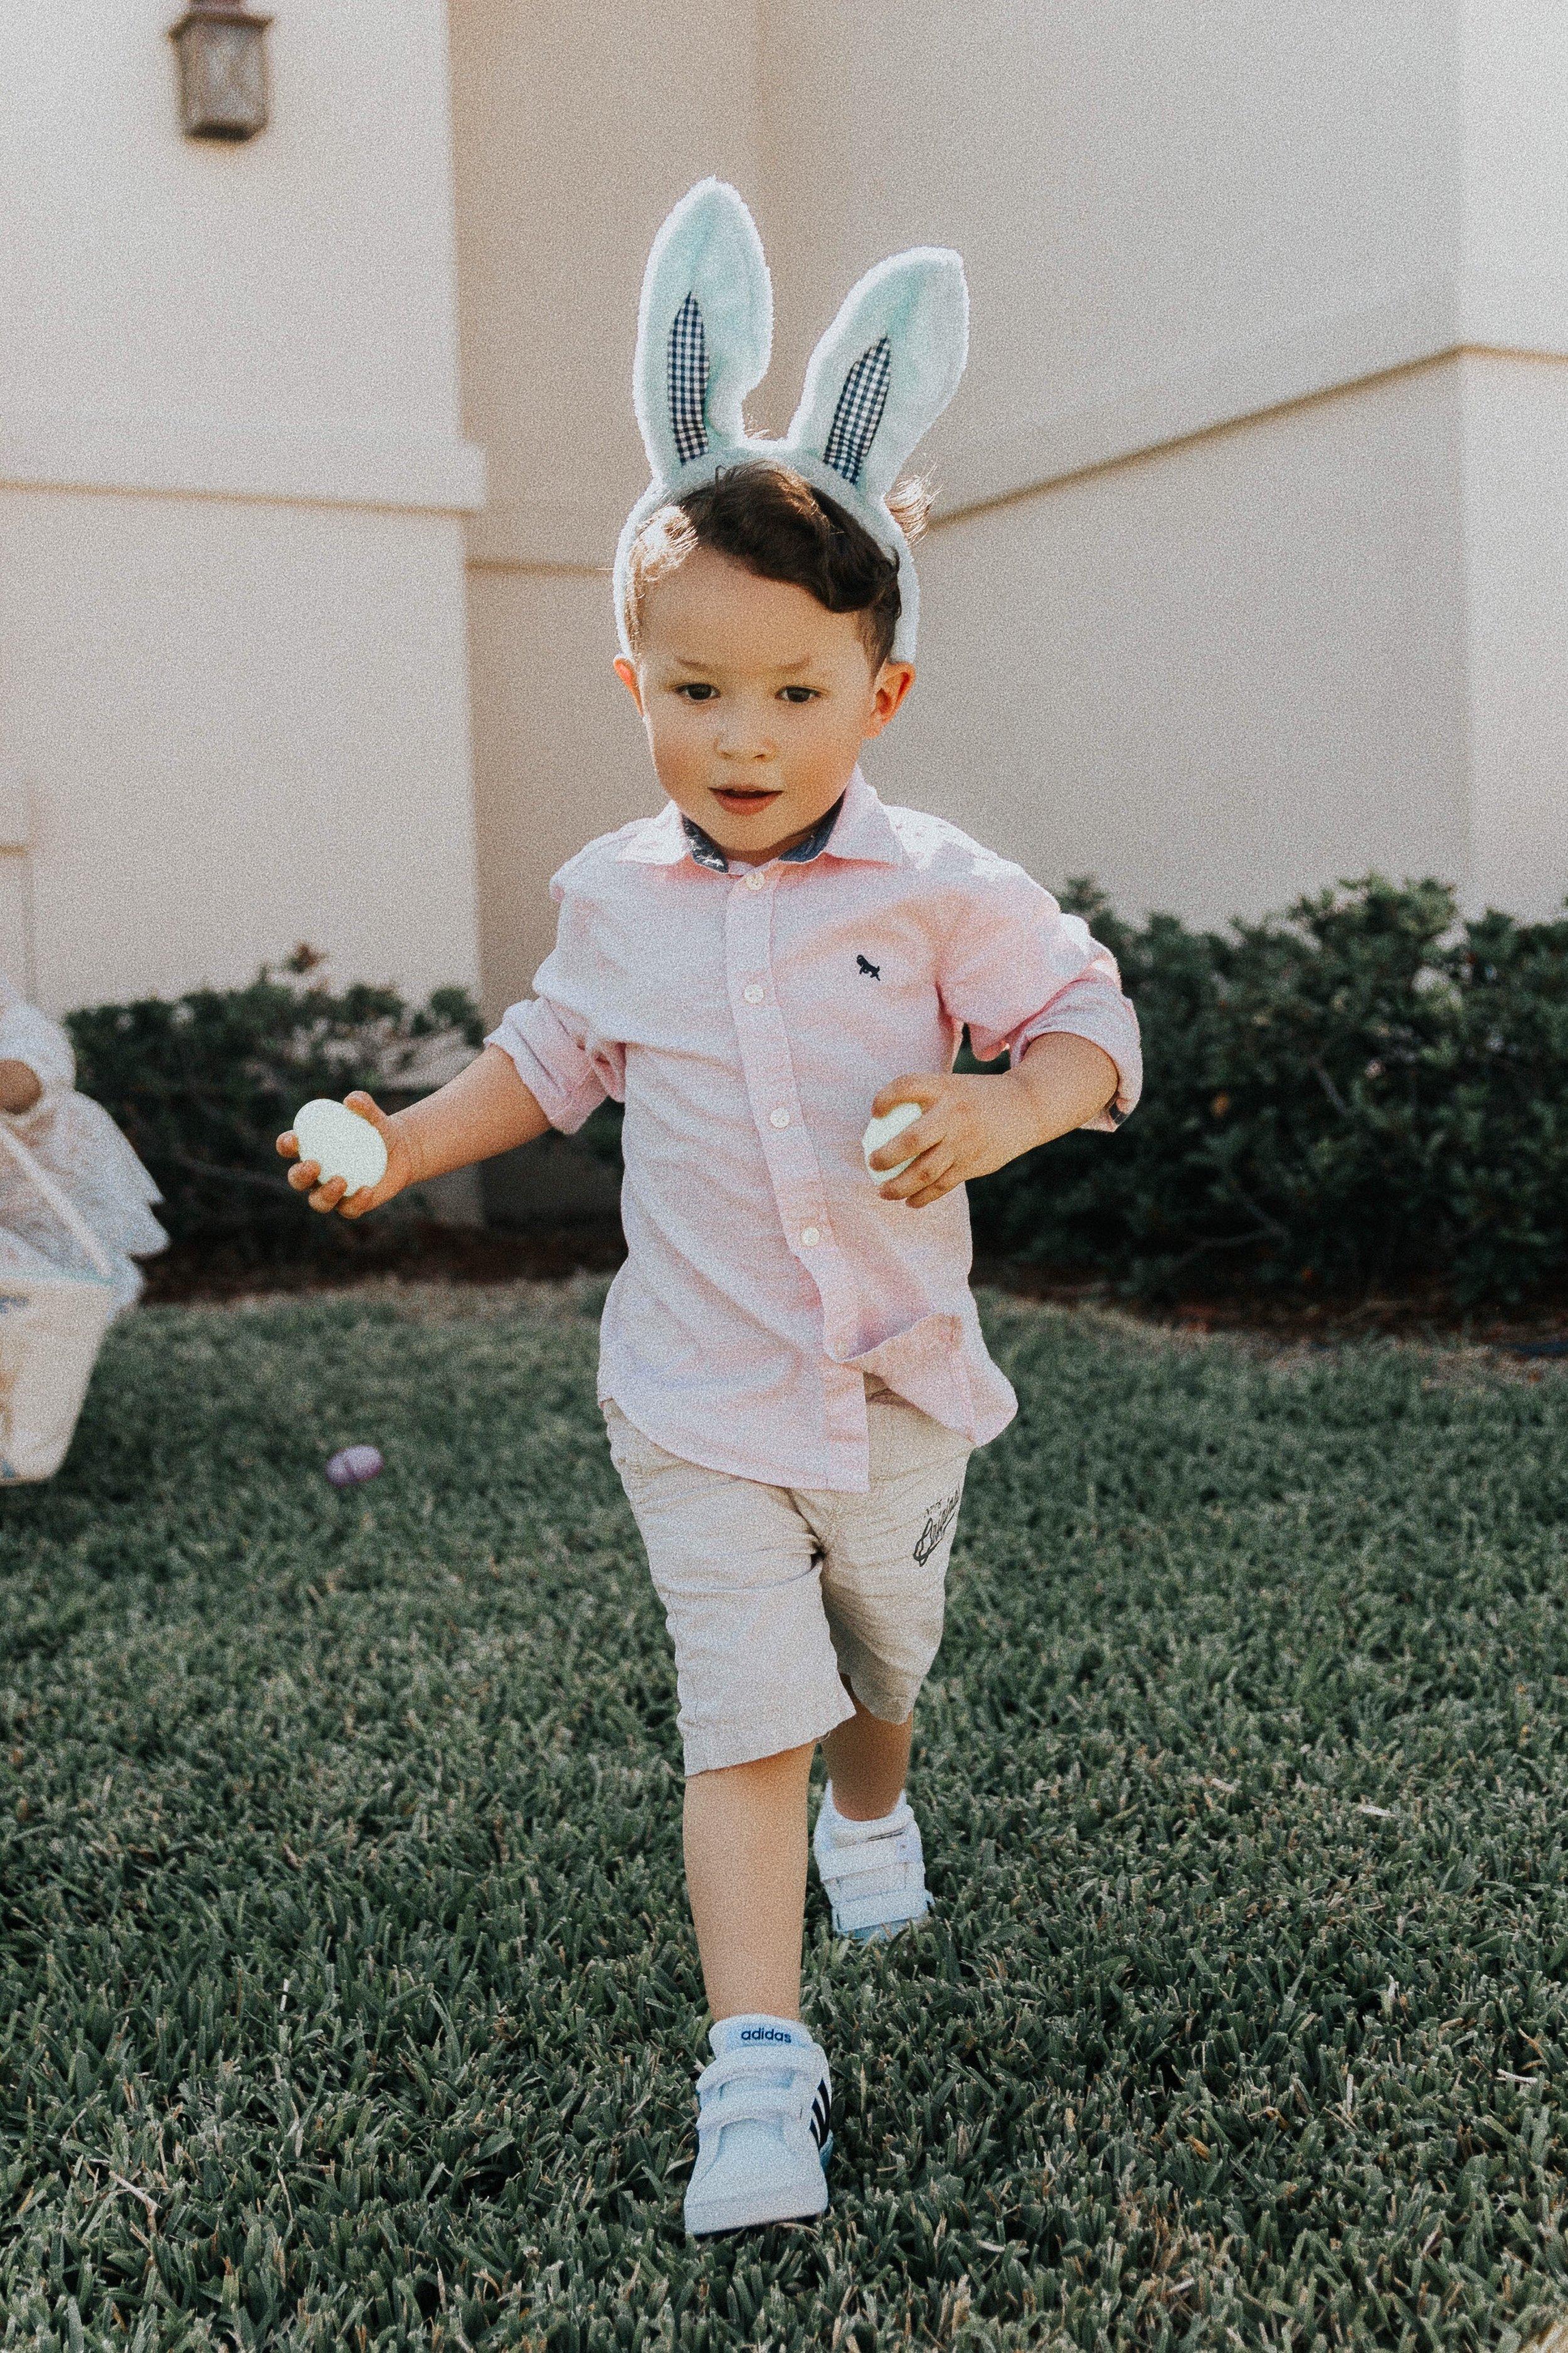 Cute Easter photos spanglishfashion